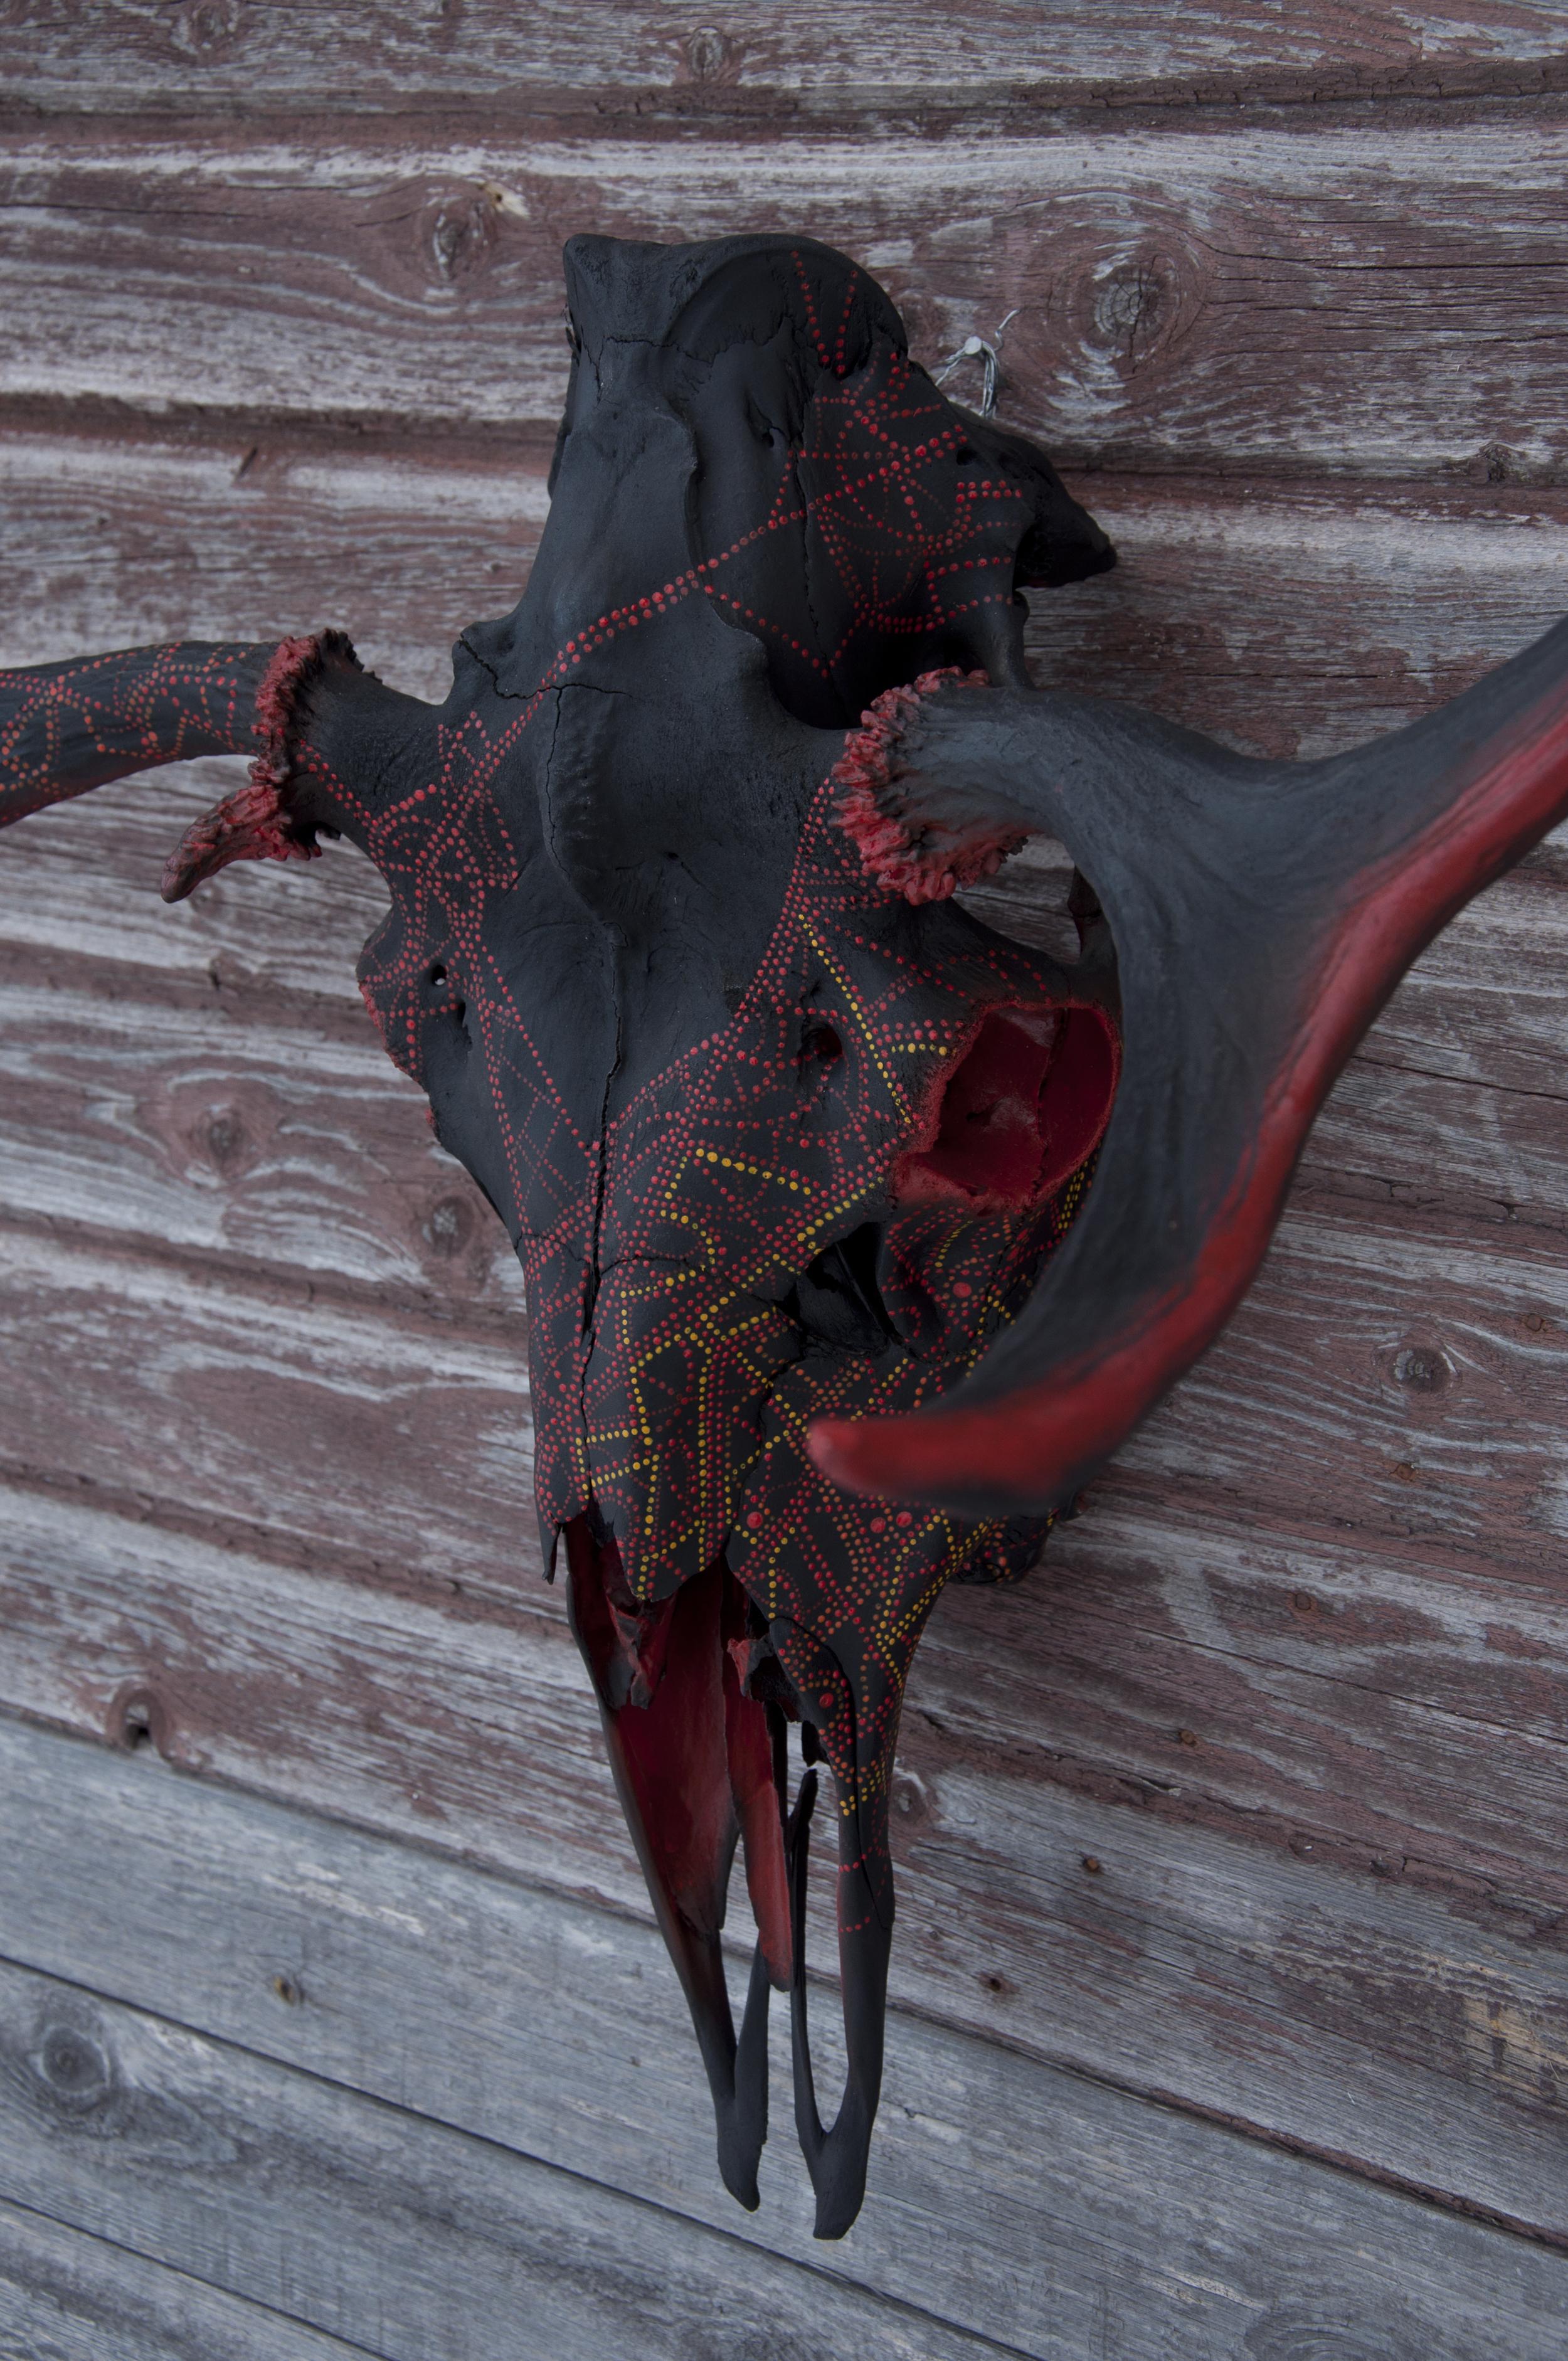 petra-shara-stoor-skull-art-velvekh-3.jpg